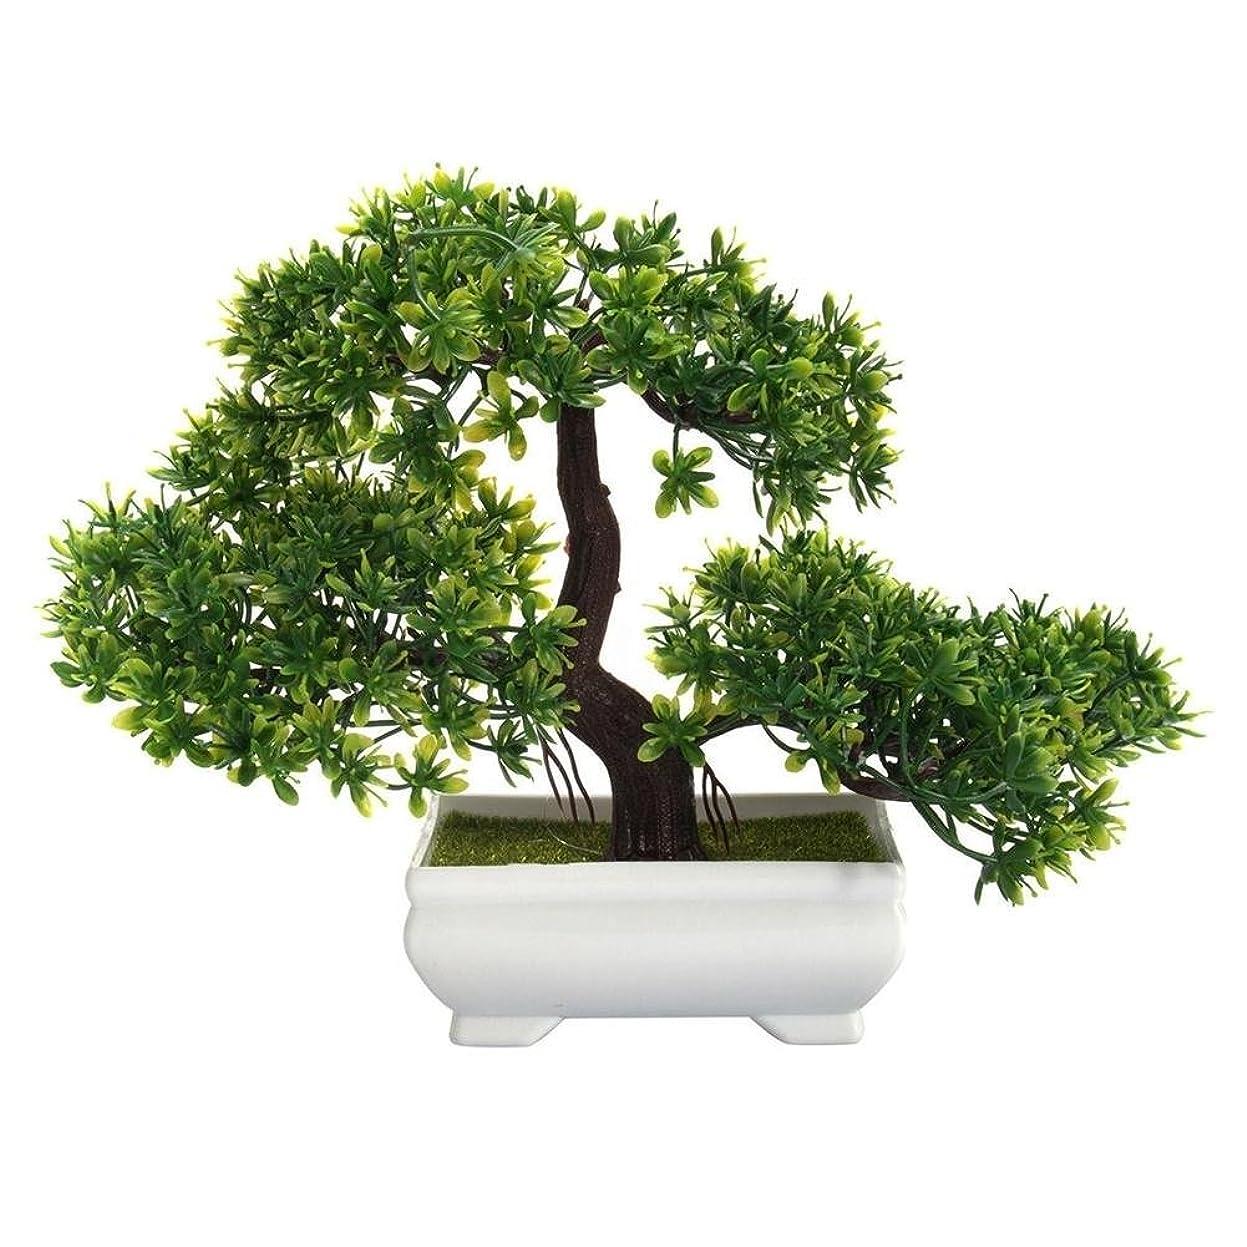 ロビーやりがいのあるレガシーJicorzo - ミニクリエイティブ盆栽人工植物装飾オフィスホーム用はありませんじょうろ鉢植えを色あせません